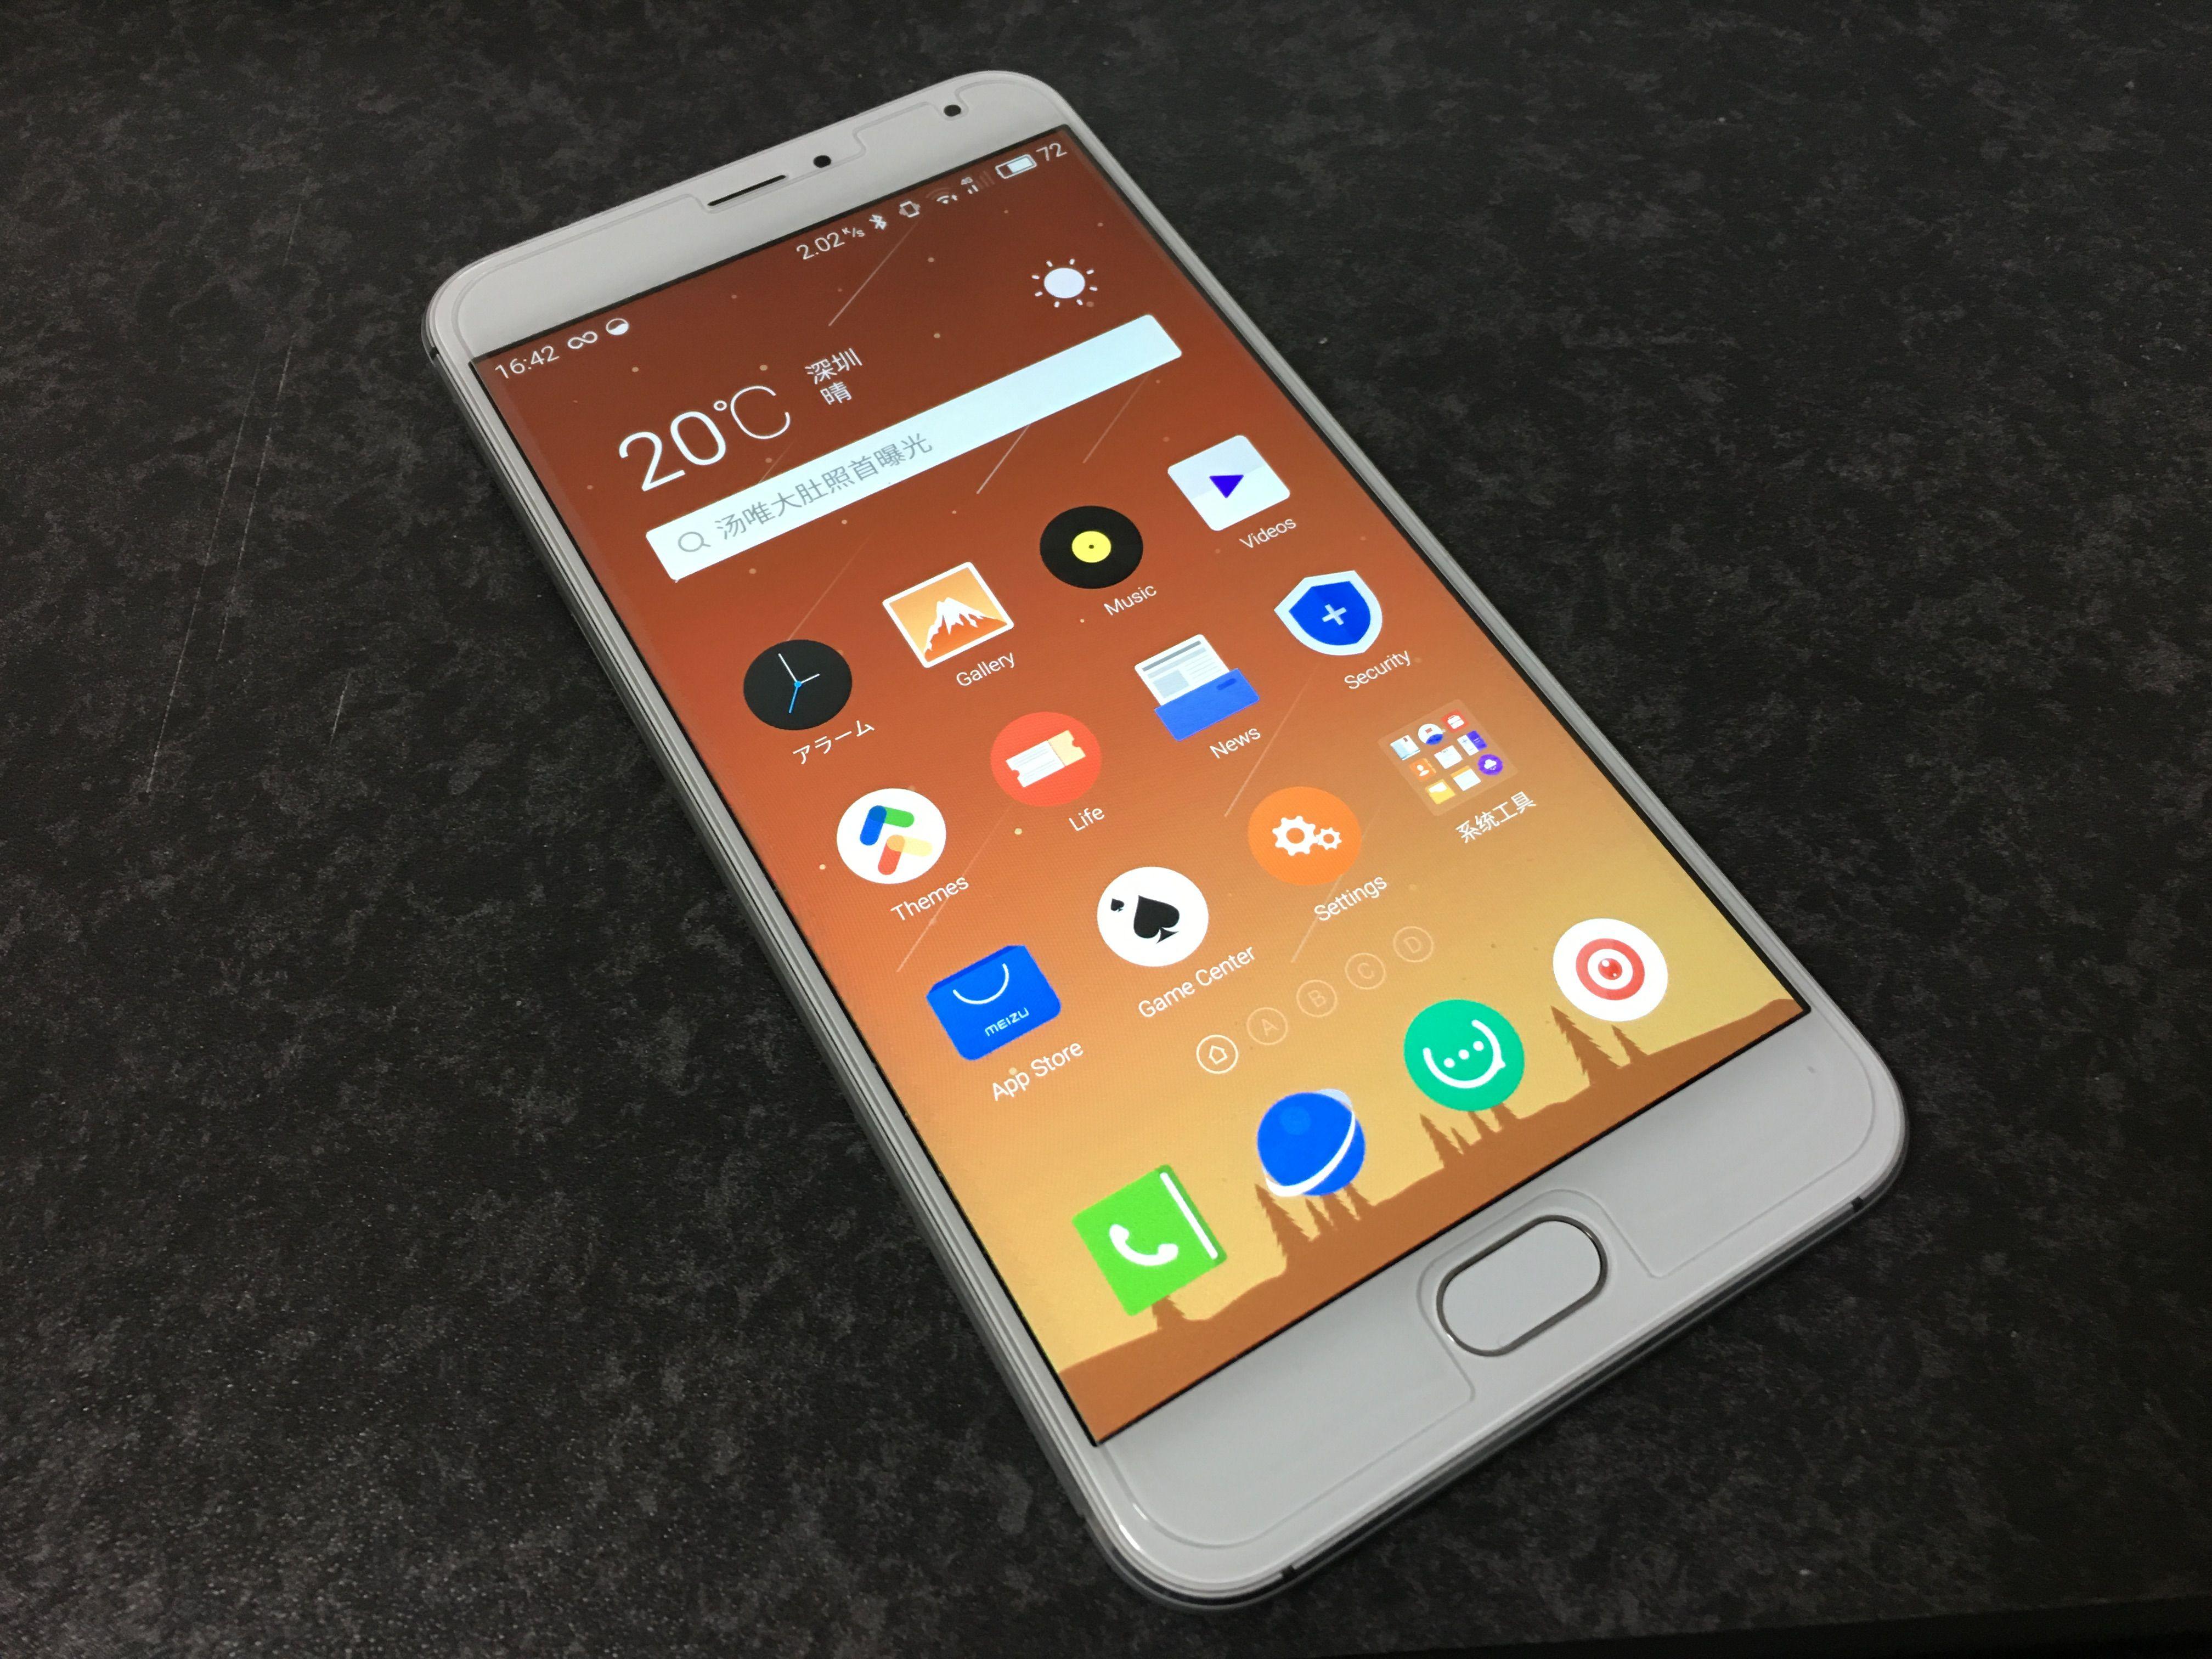 Meizu Pro 5 アルティメット版 RAM 4GB / ROM 64GB のレビュー!Meizu史上最高のスマートフォンで全てにおいて完璧!